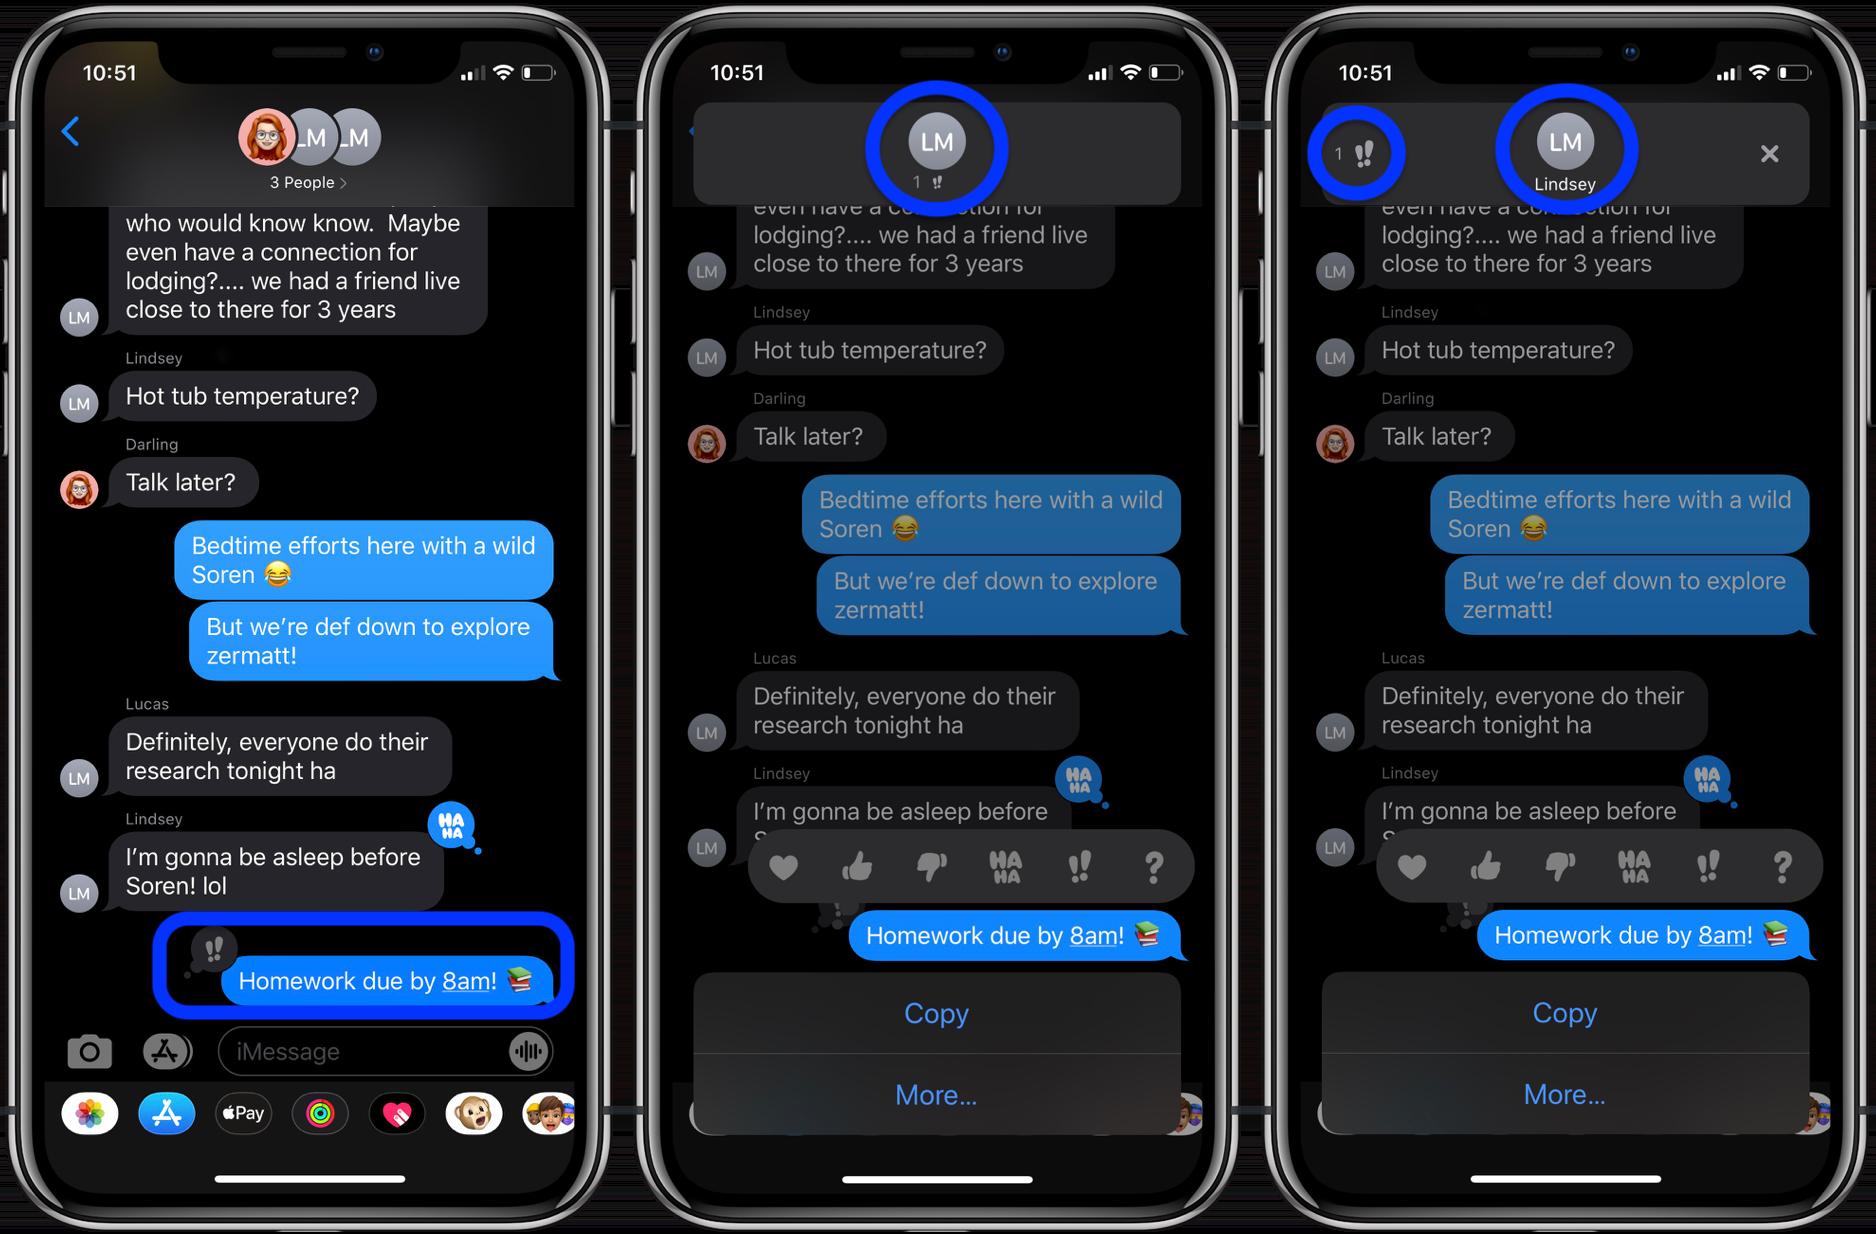 Как узнать, кто сделал откат iMessage iPhone